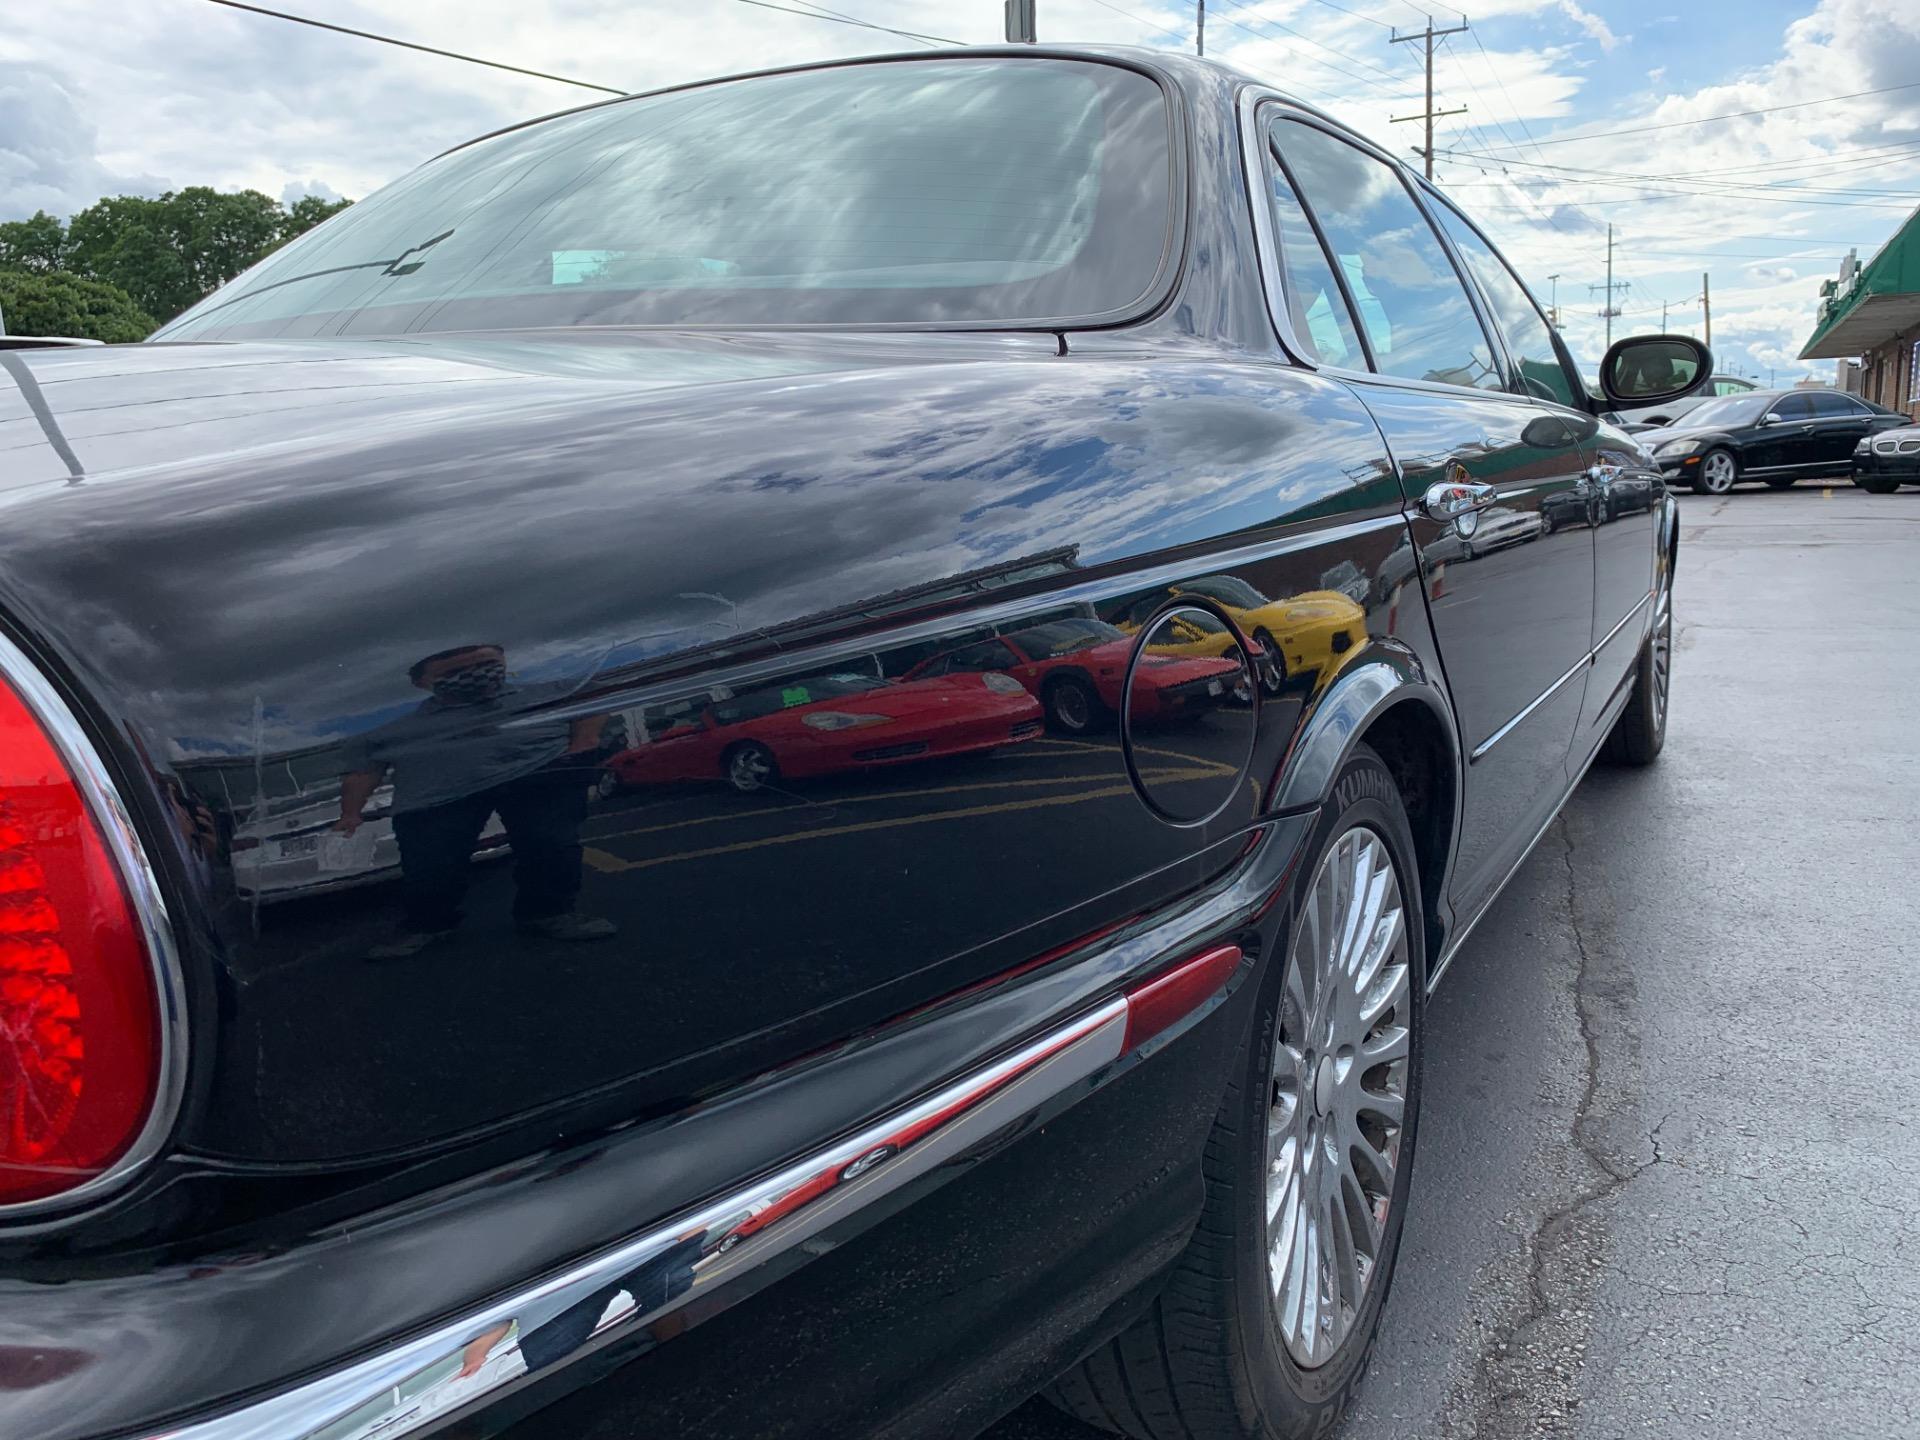 Used-2005-Jaguar-XJ-Series-XJ8-L